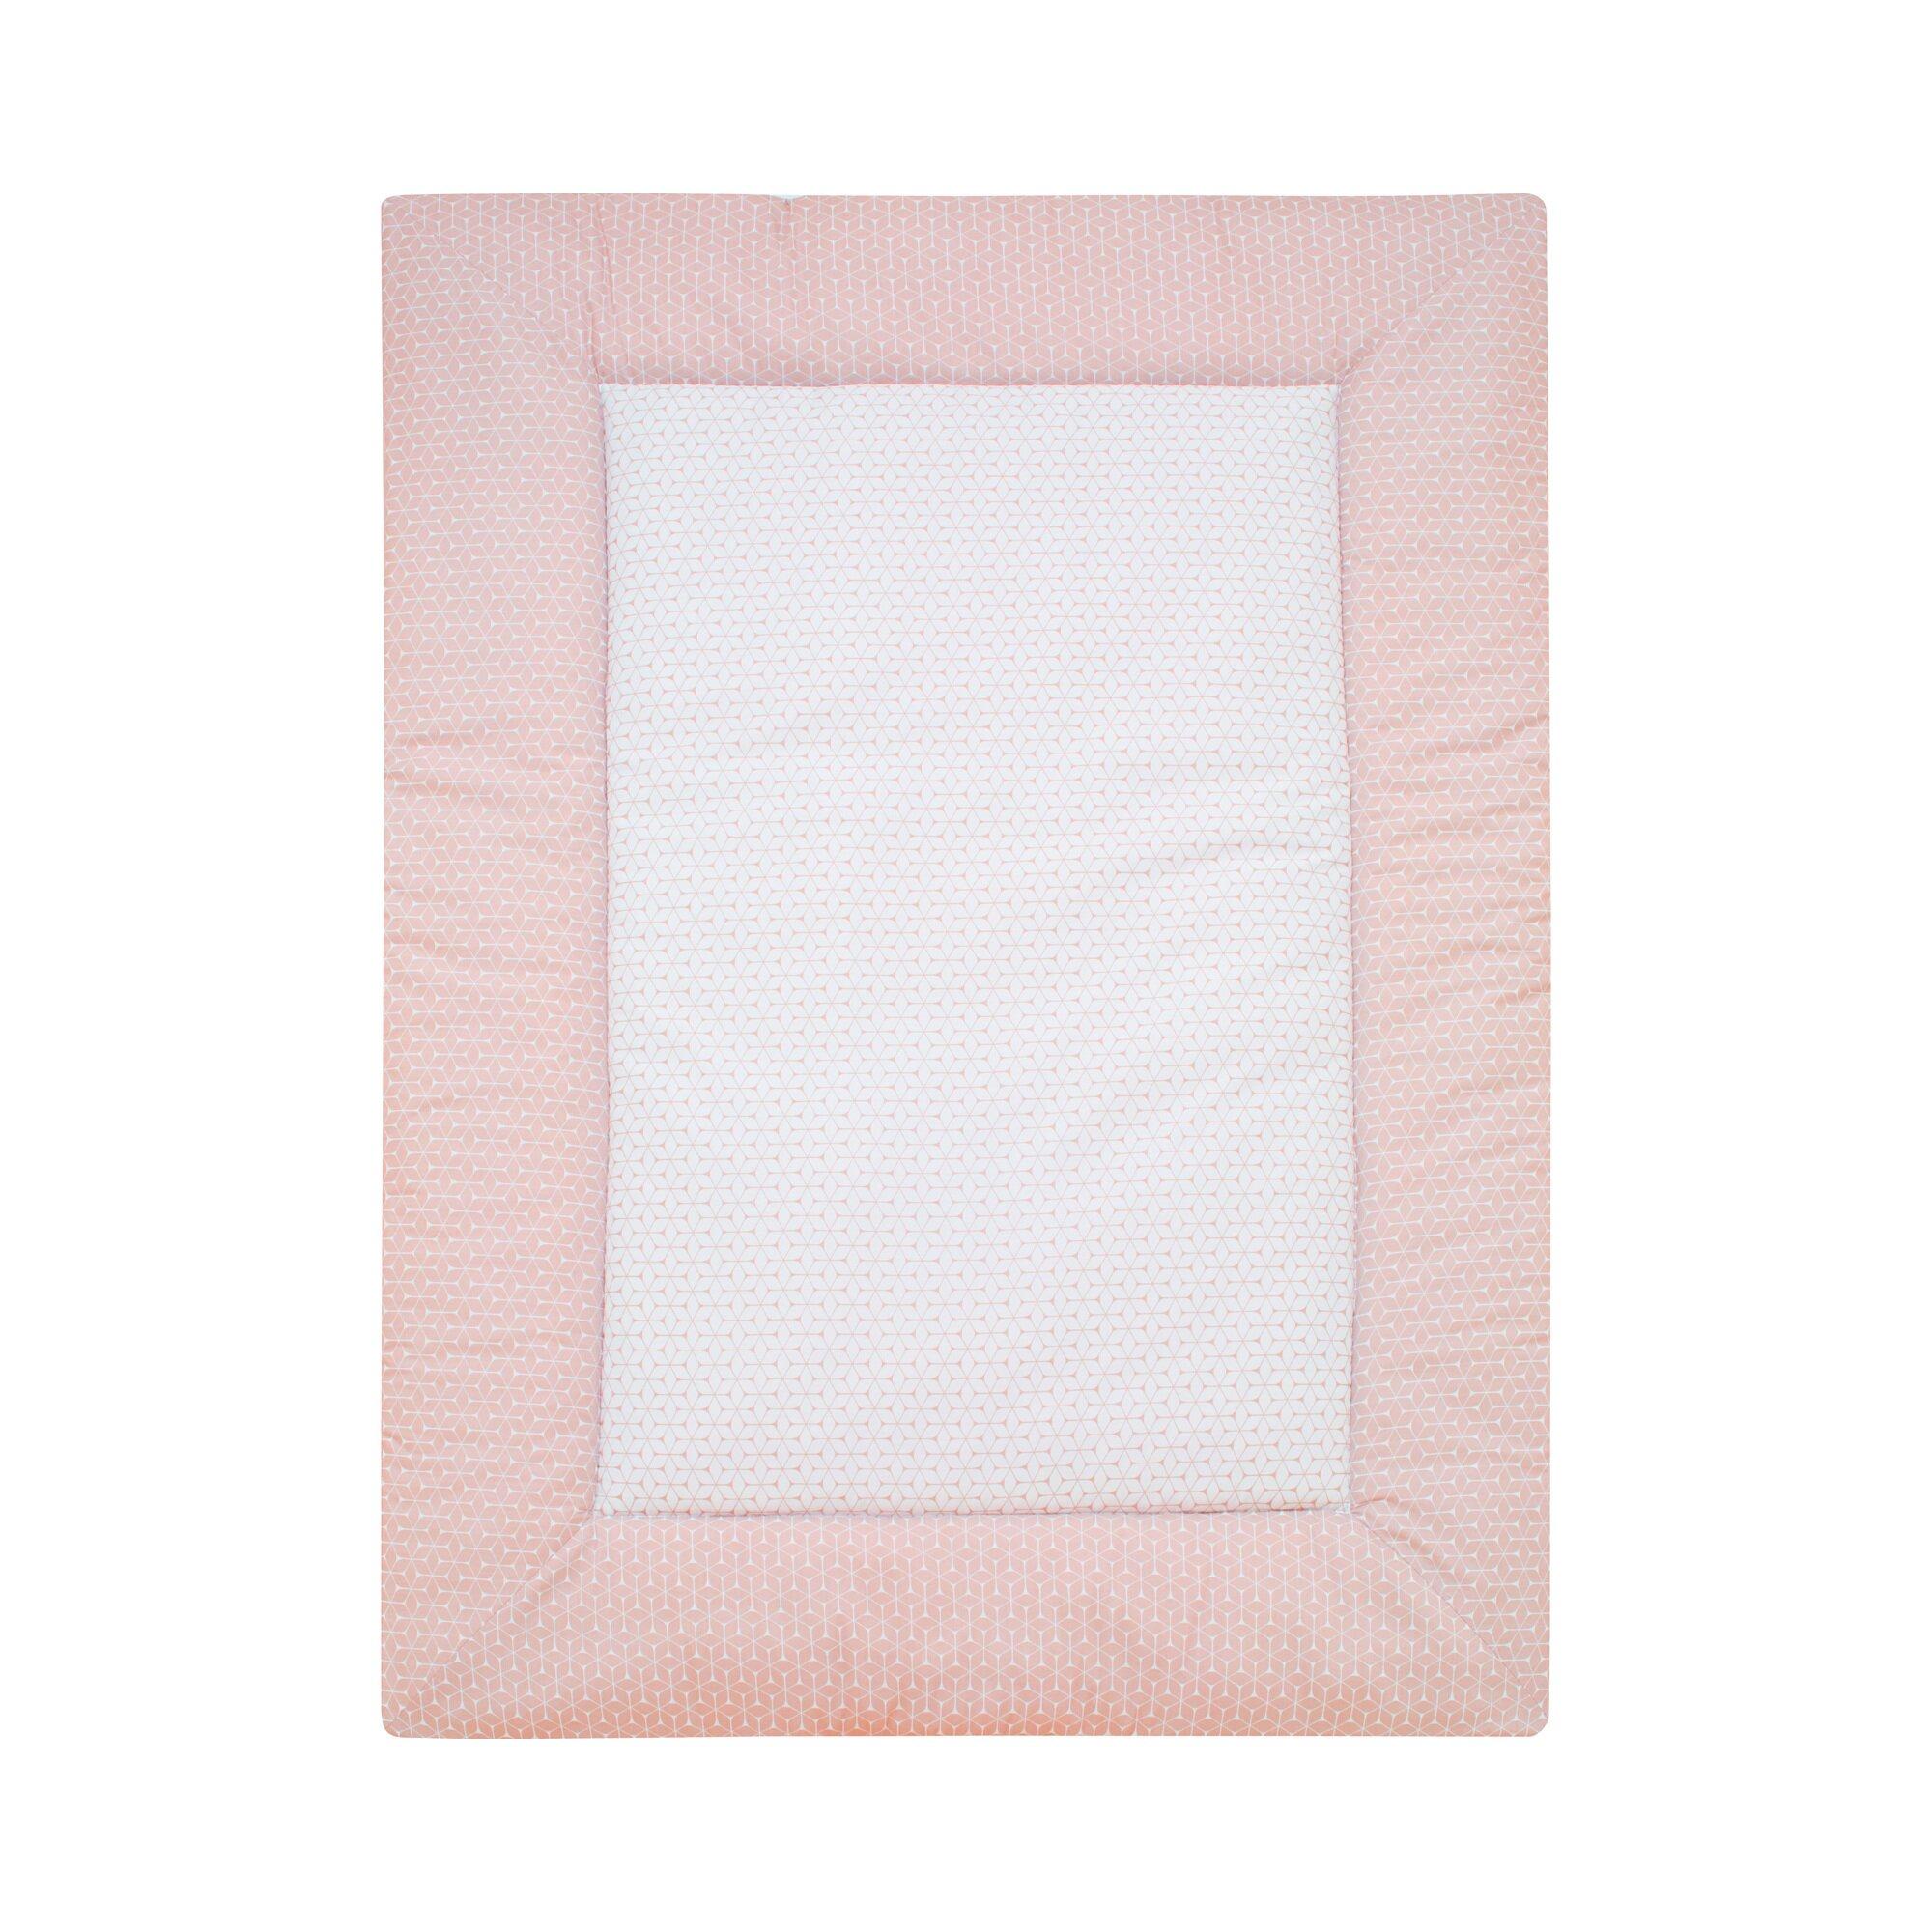 Alvi Krabbeldecke 100x135 cm rosa